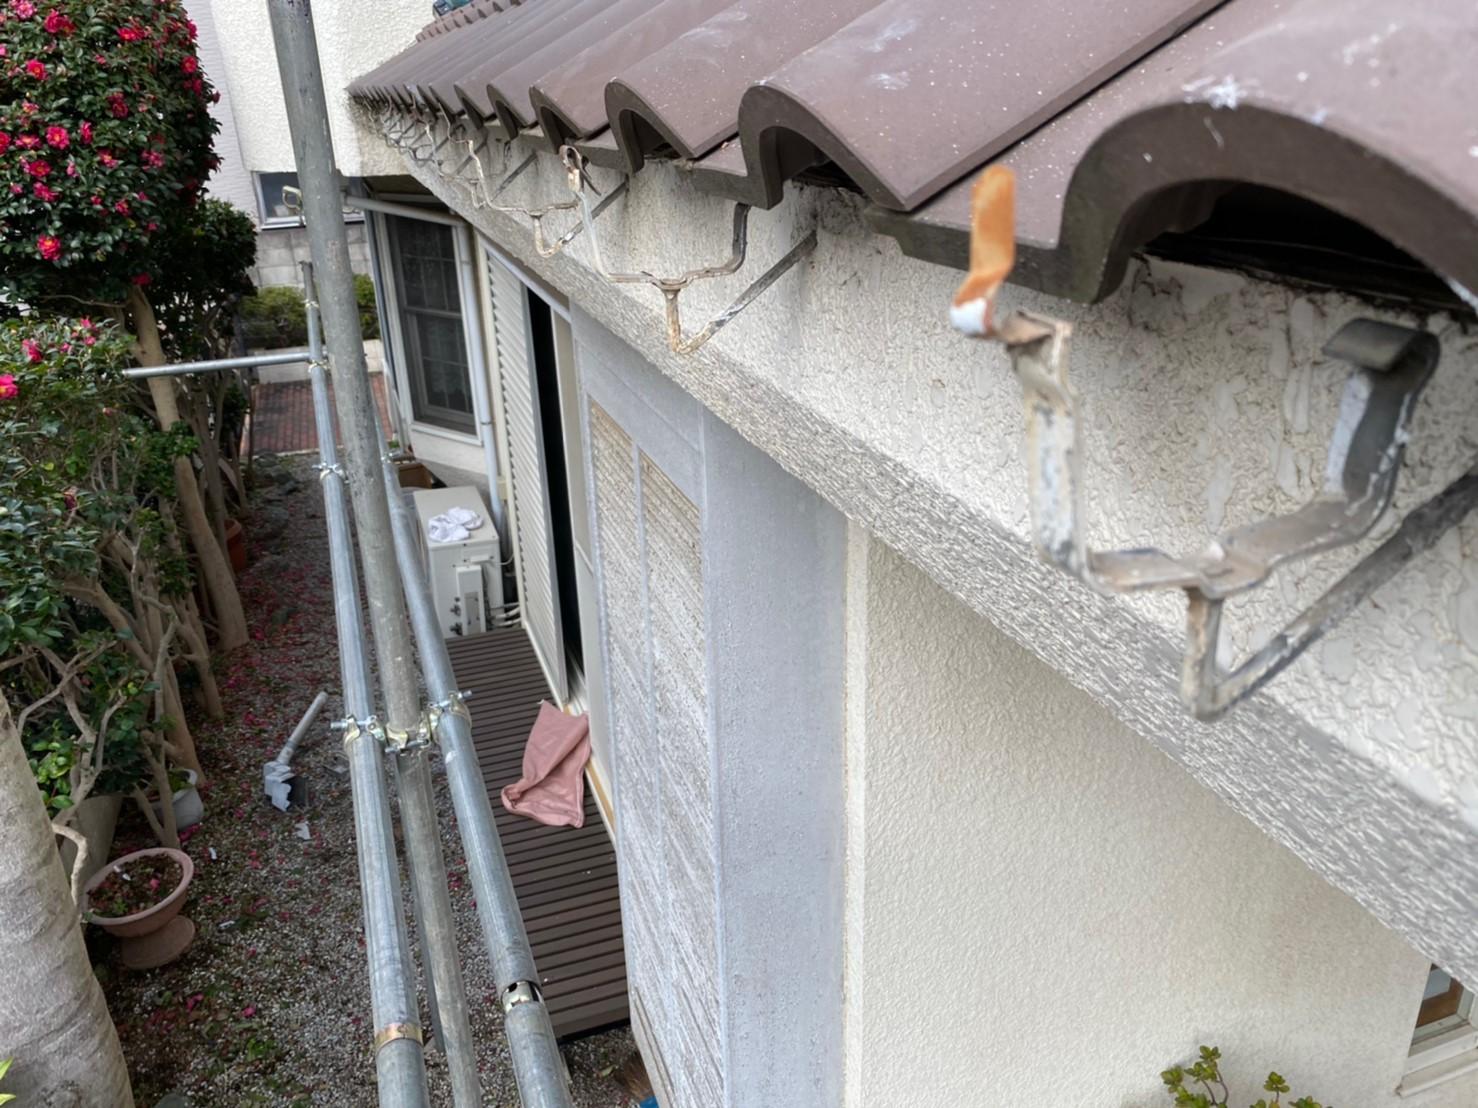 【施工完了報告!】火災保険で0円工事!埼玉県熊谷市にて雨どい交換工事を行いました!